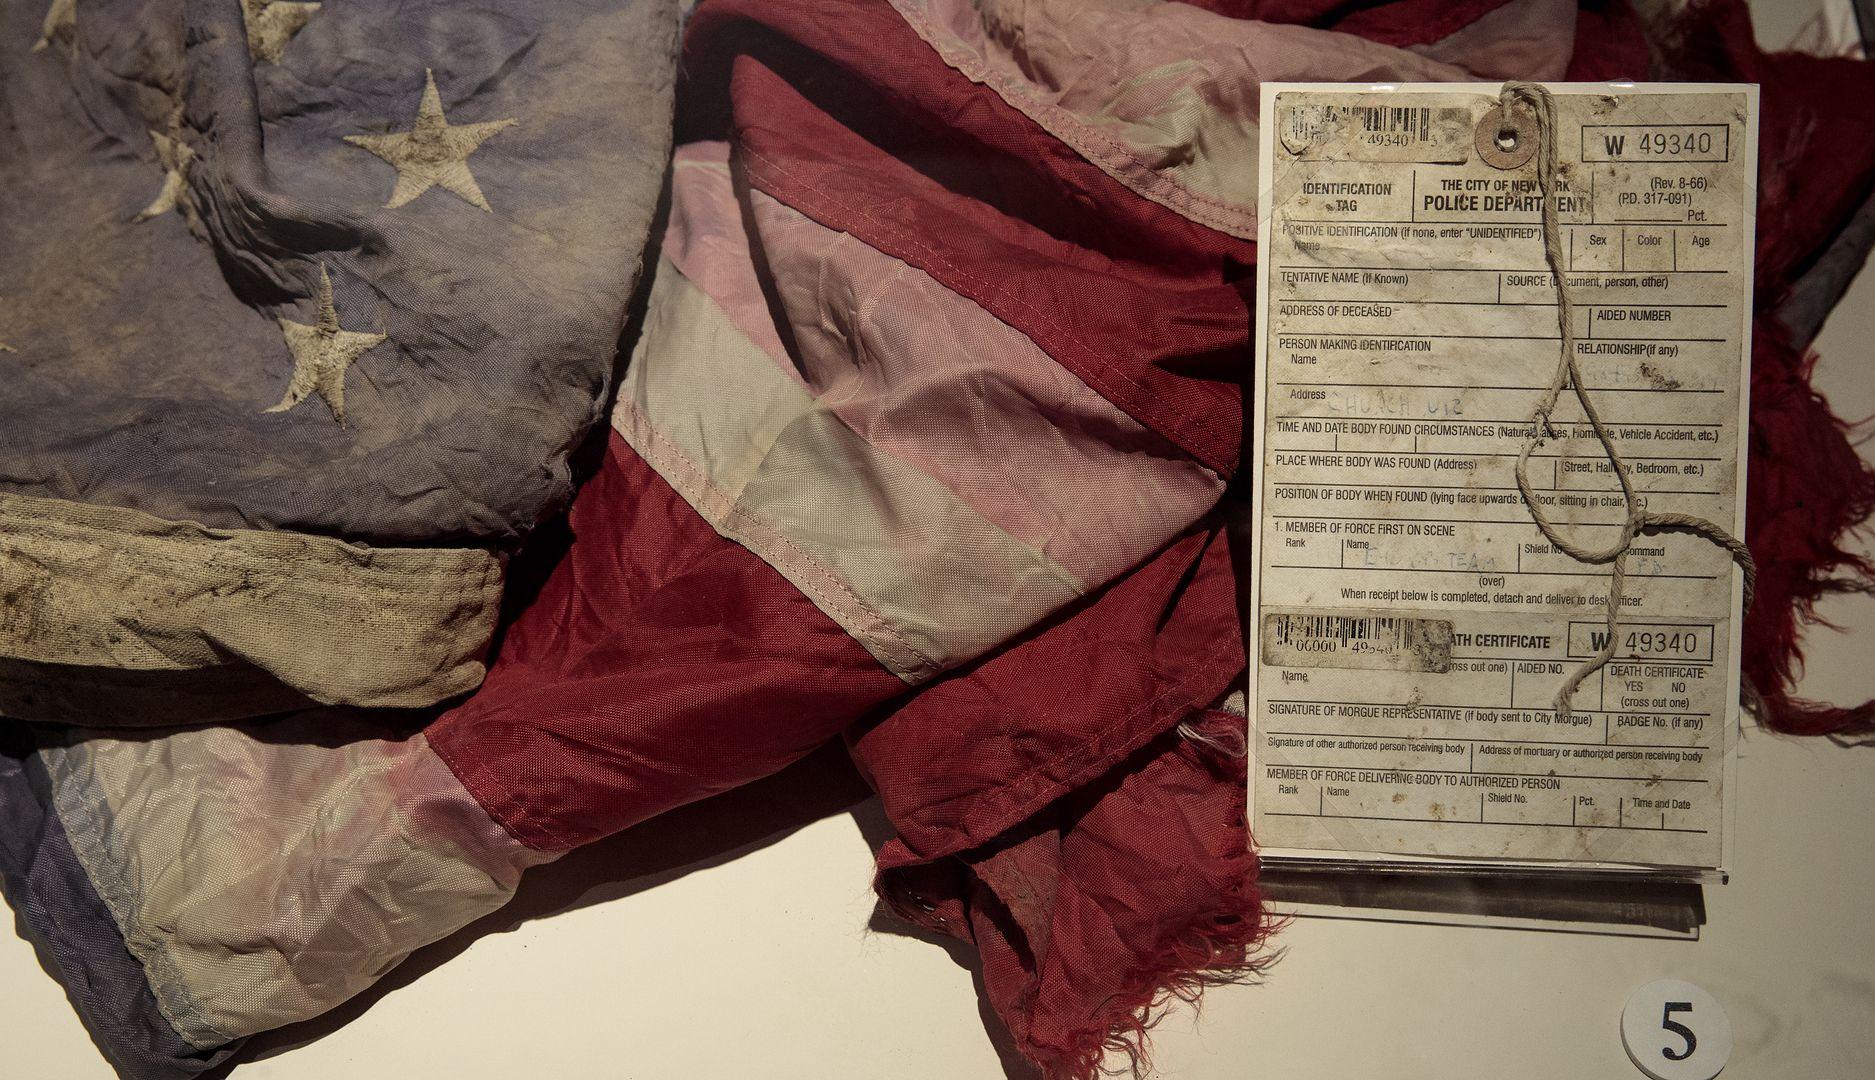 Flaga amerykańska wyciągnięta z ruin World Trade Center po zamachu Al-Kaidy 11.09.2001 r. Po prawej akt zgonu wydany przez nowojorską policję. Eksponat z muzeum poświęconego atakom